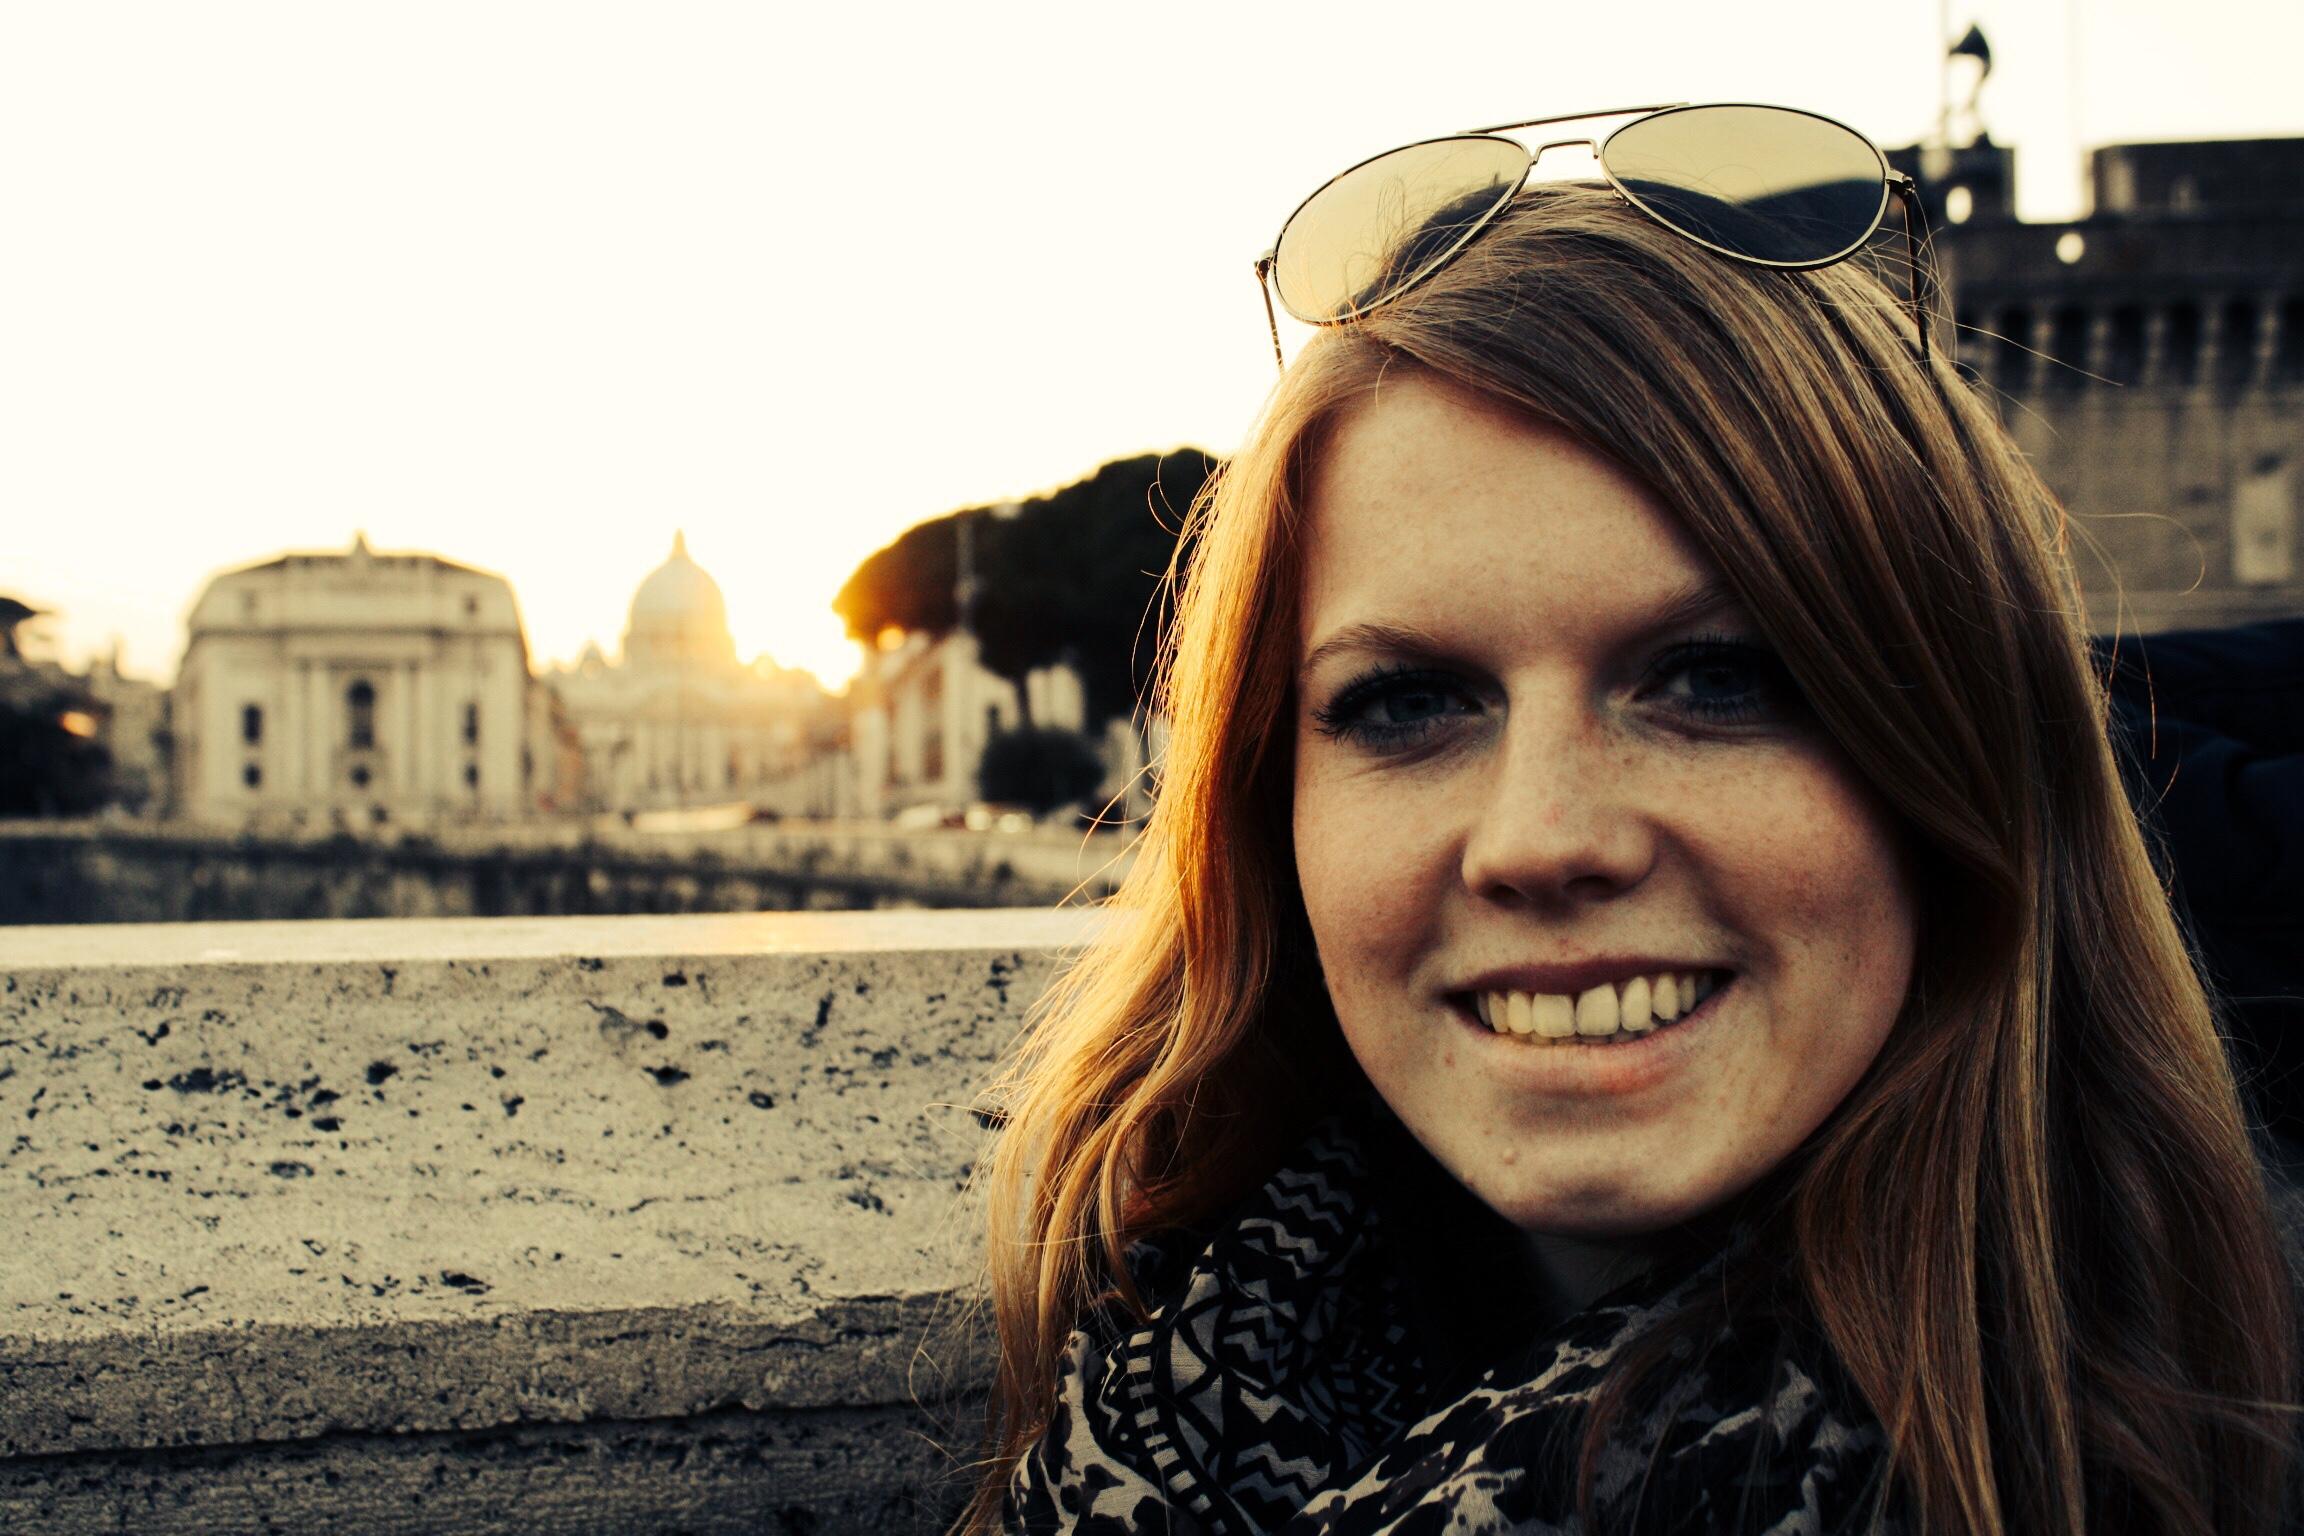 Profilbild - Eva Haberzettel